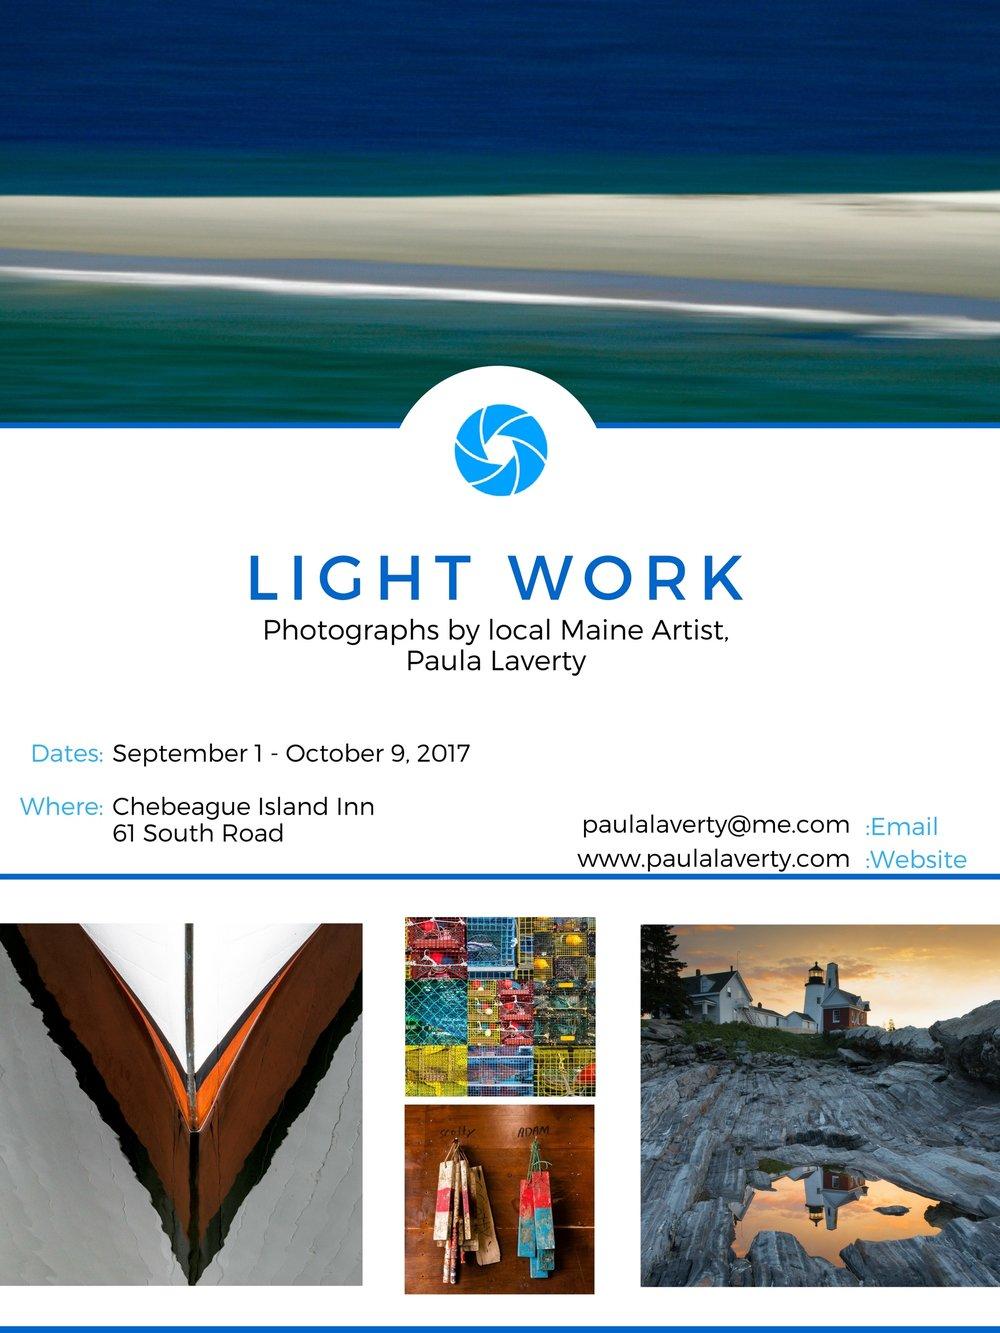 LightWork_Posters.jpg